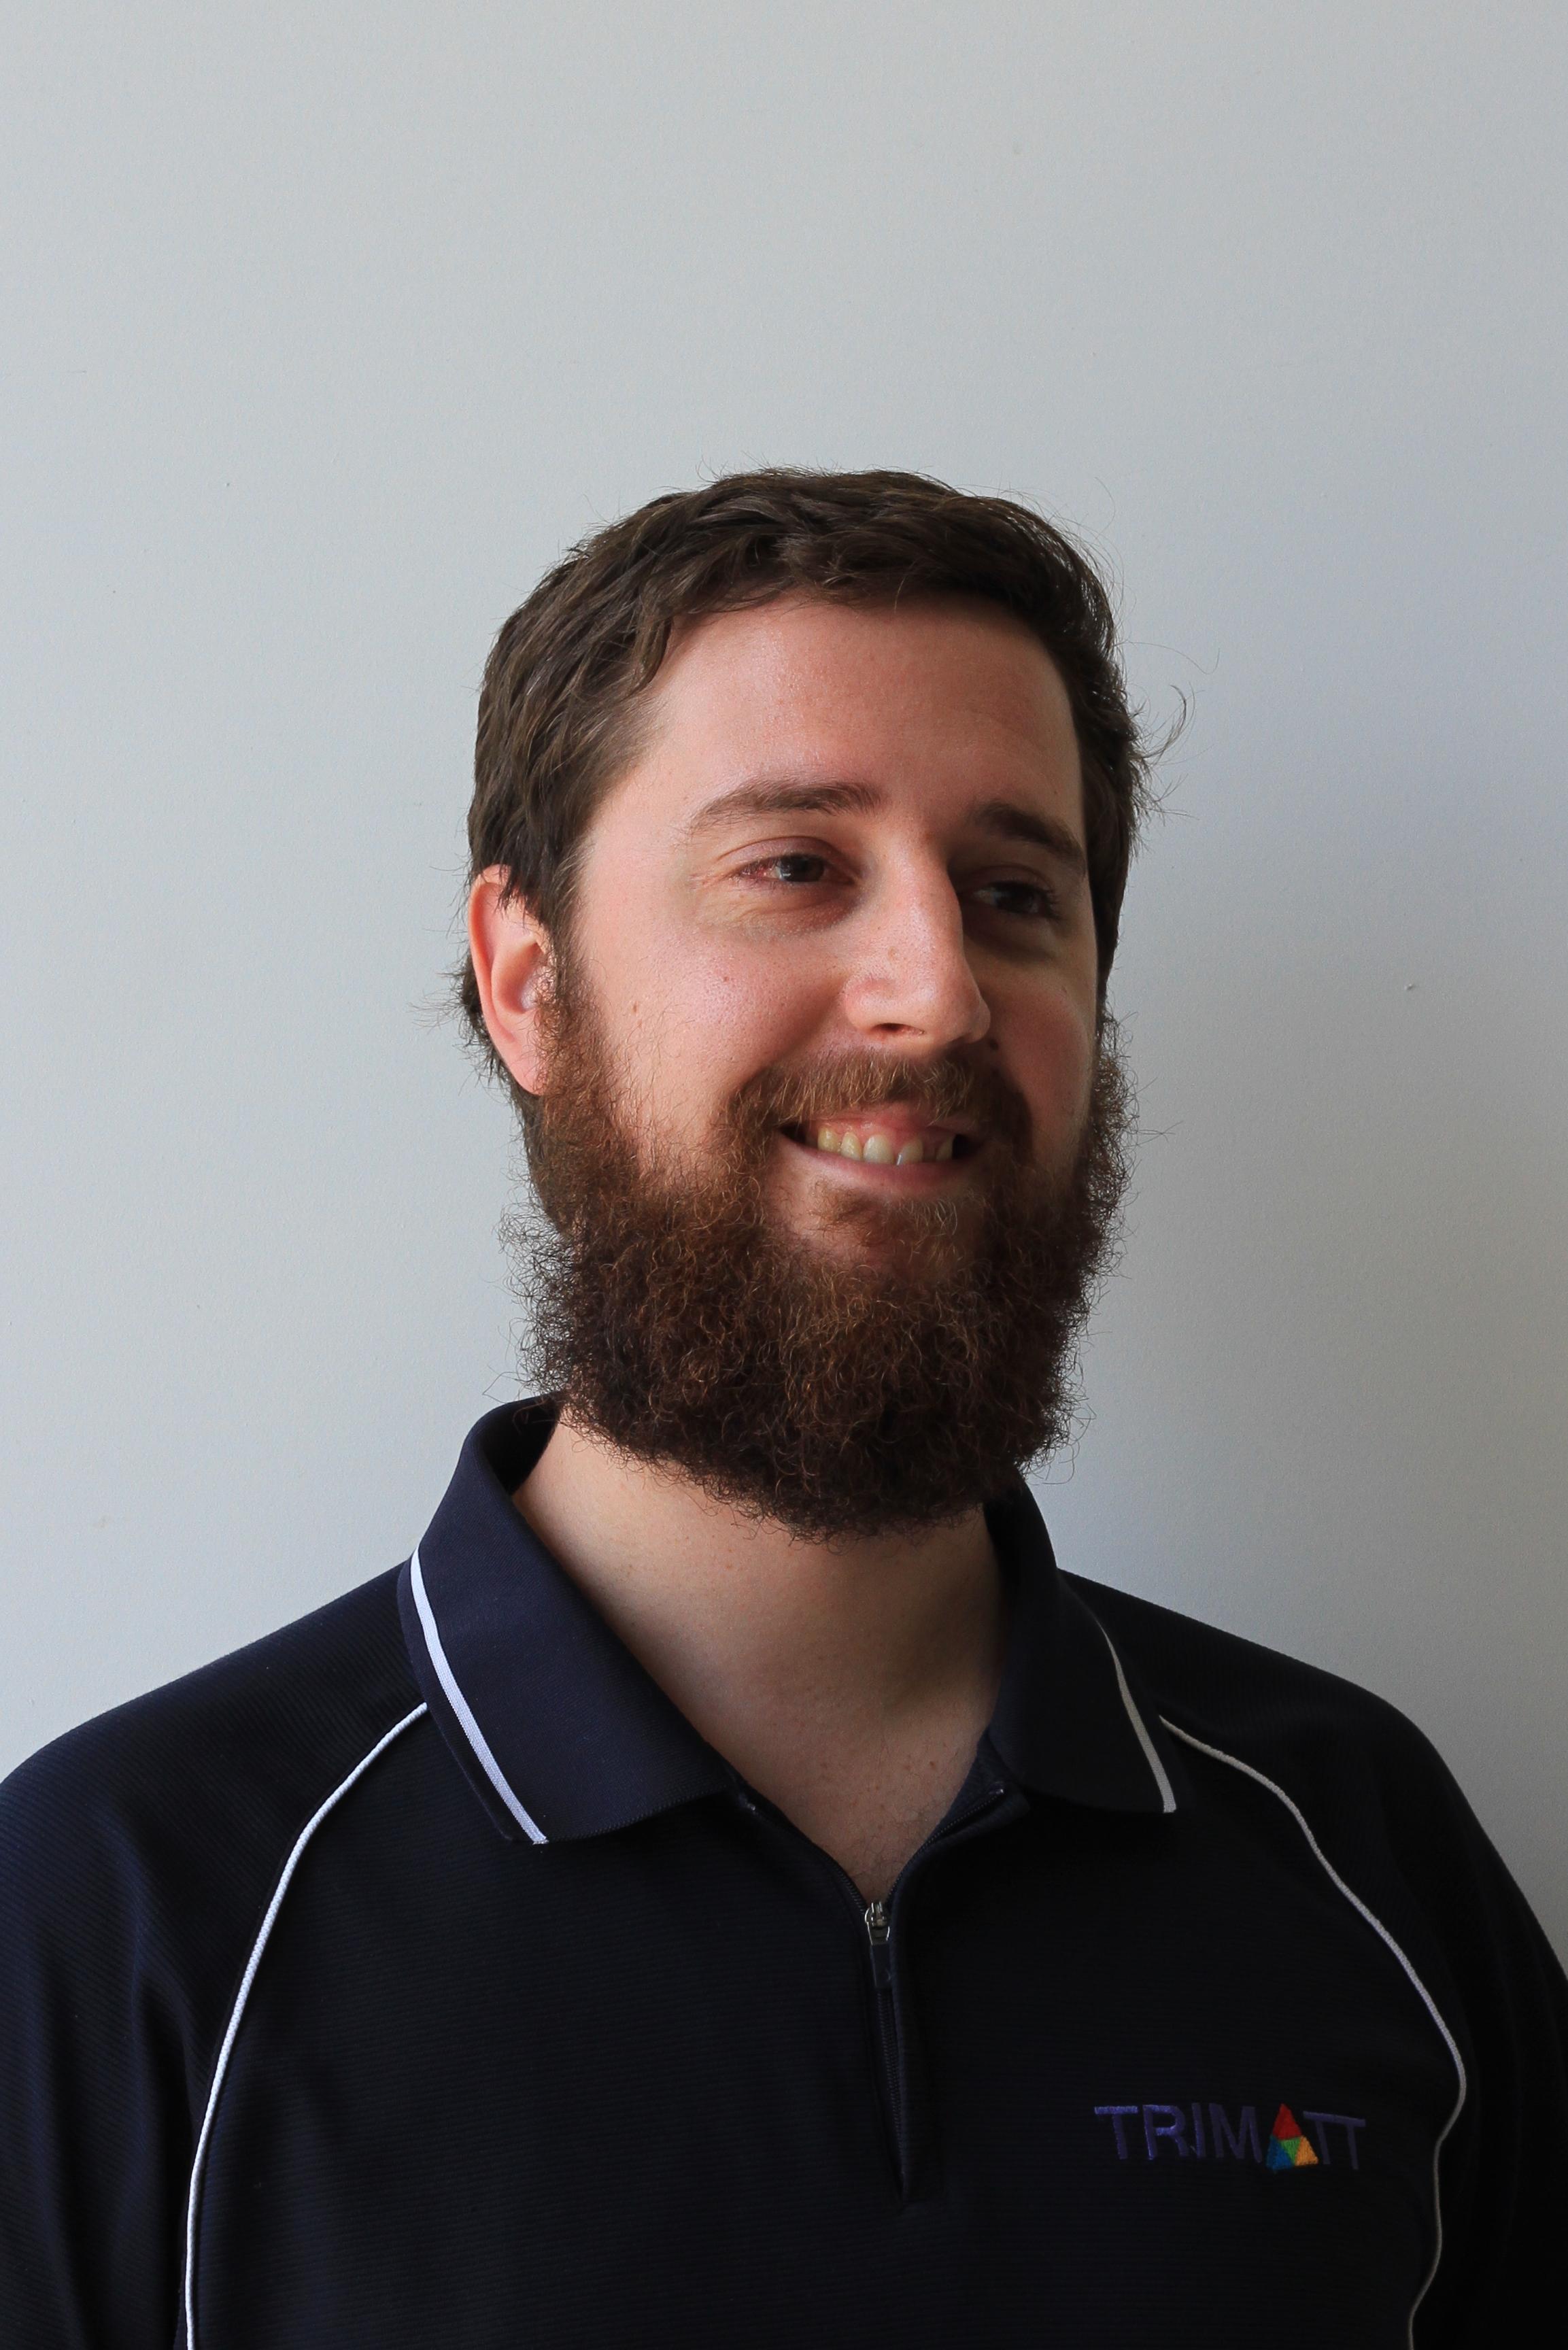 Luke - Engineering & Operations Lead